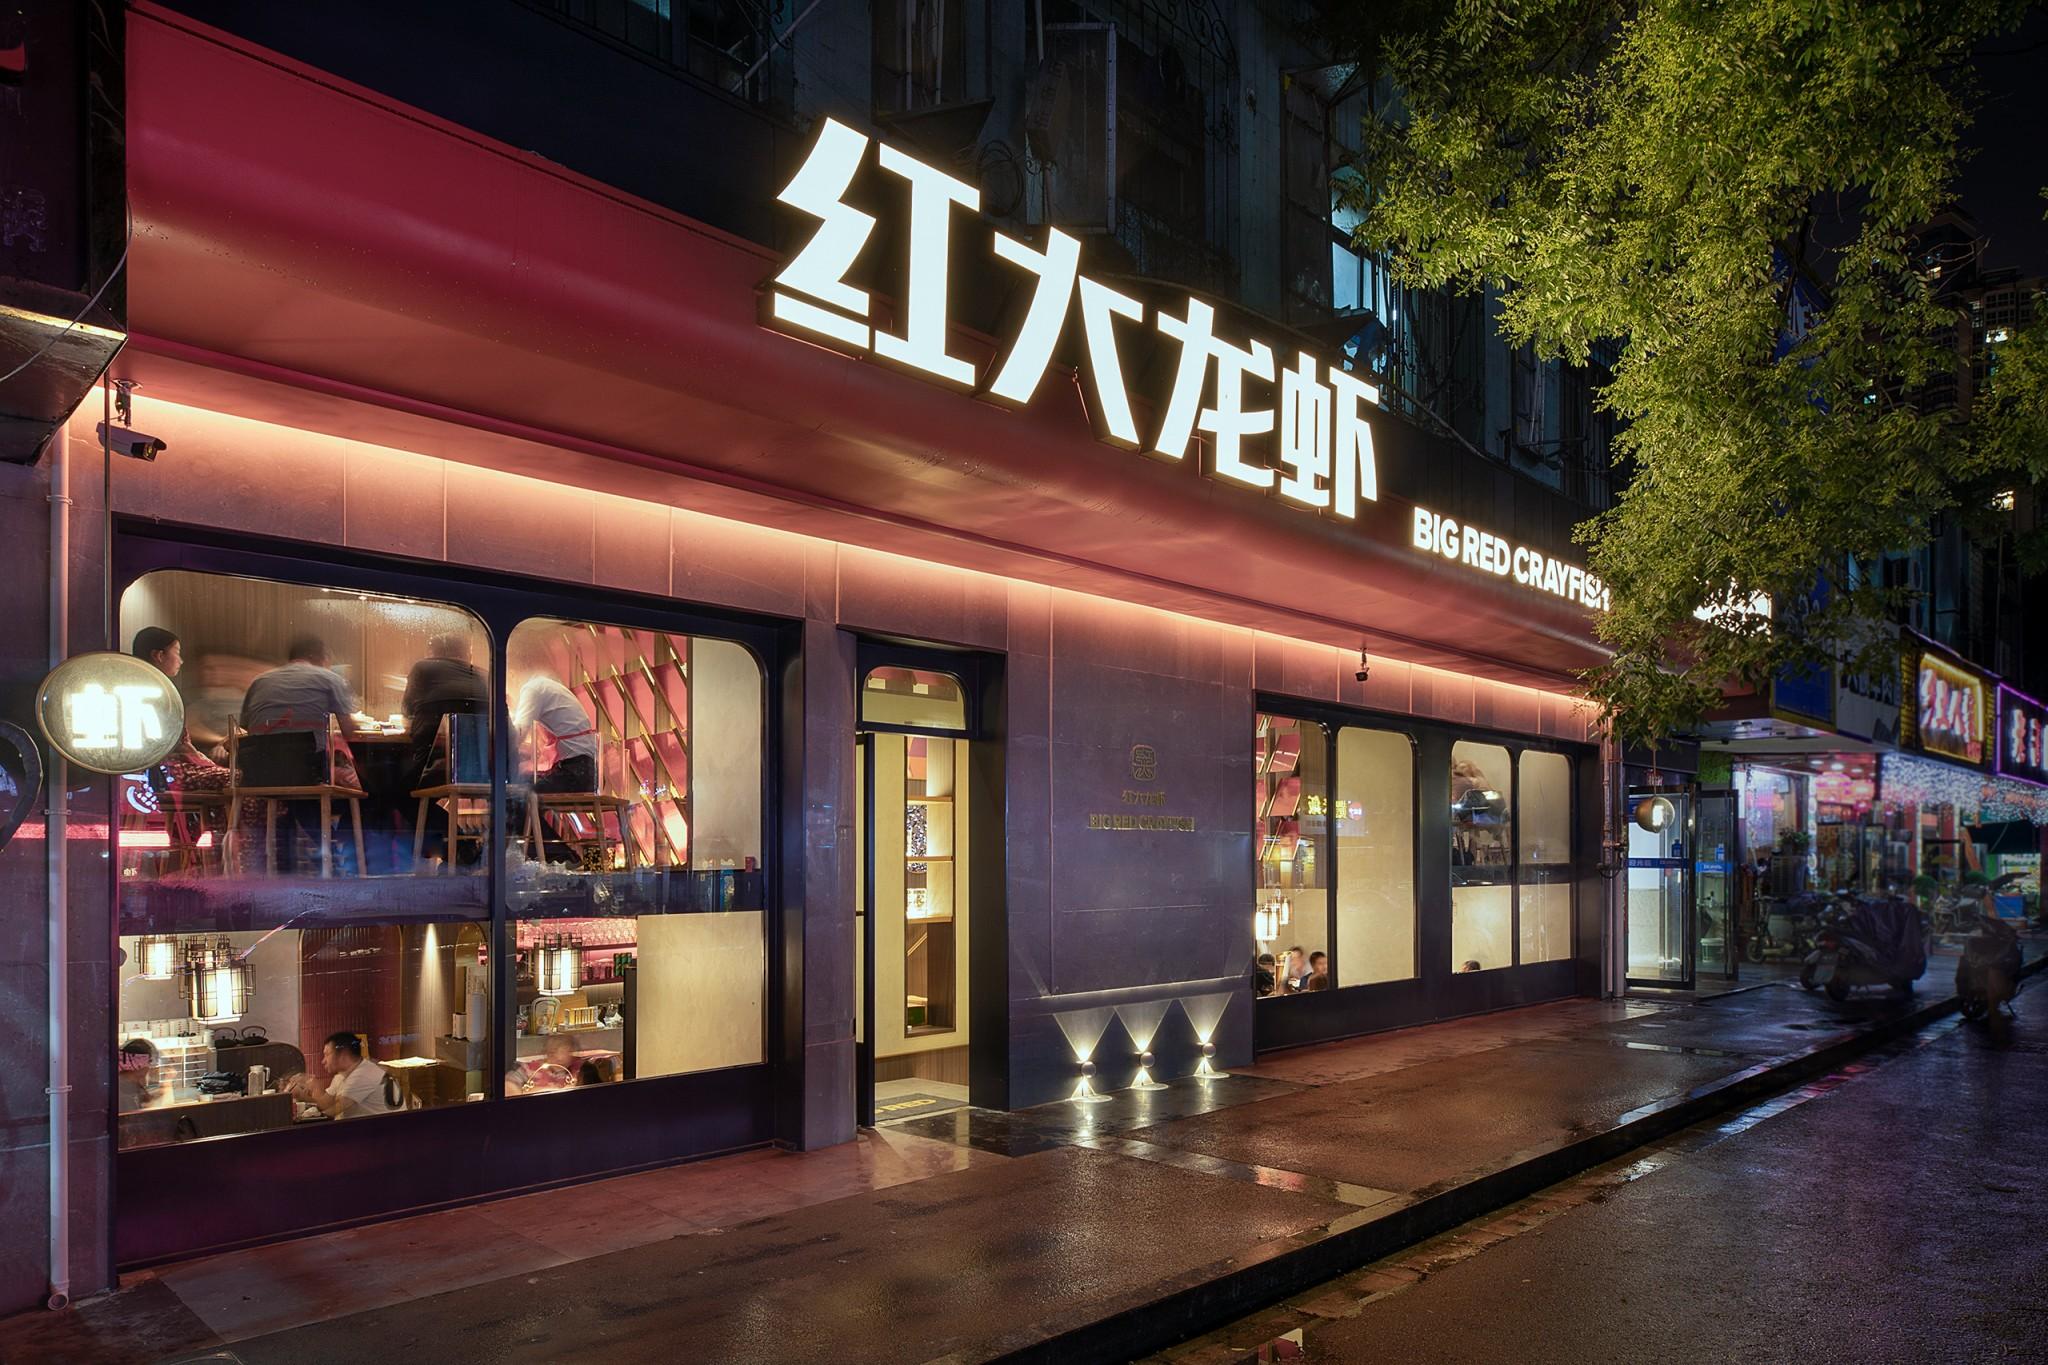 餐饮品牌商业空间设计-红大龙虾9270f0dafd7482391ef6f23d50cd539d